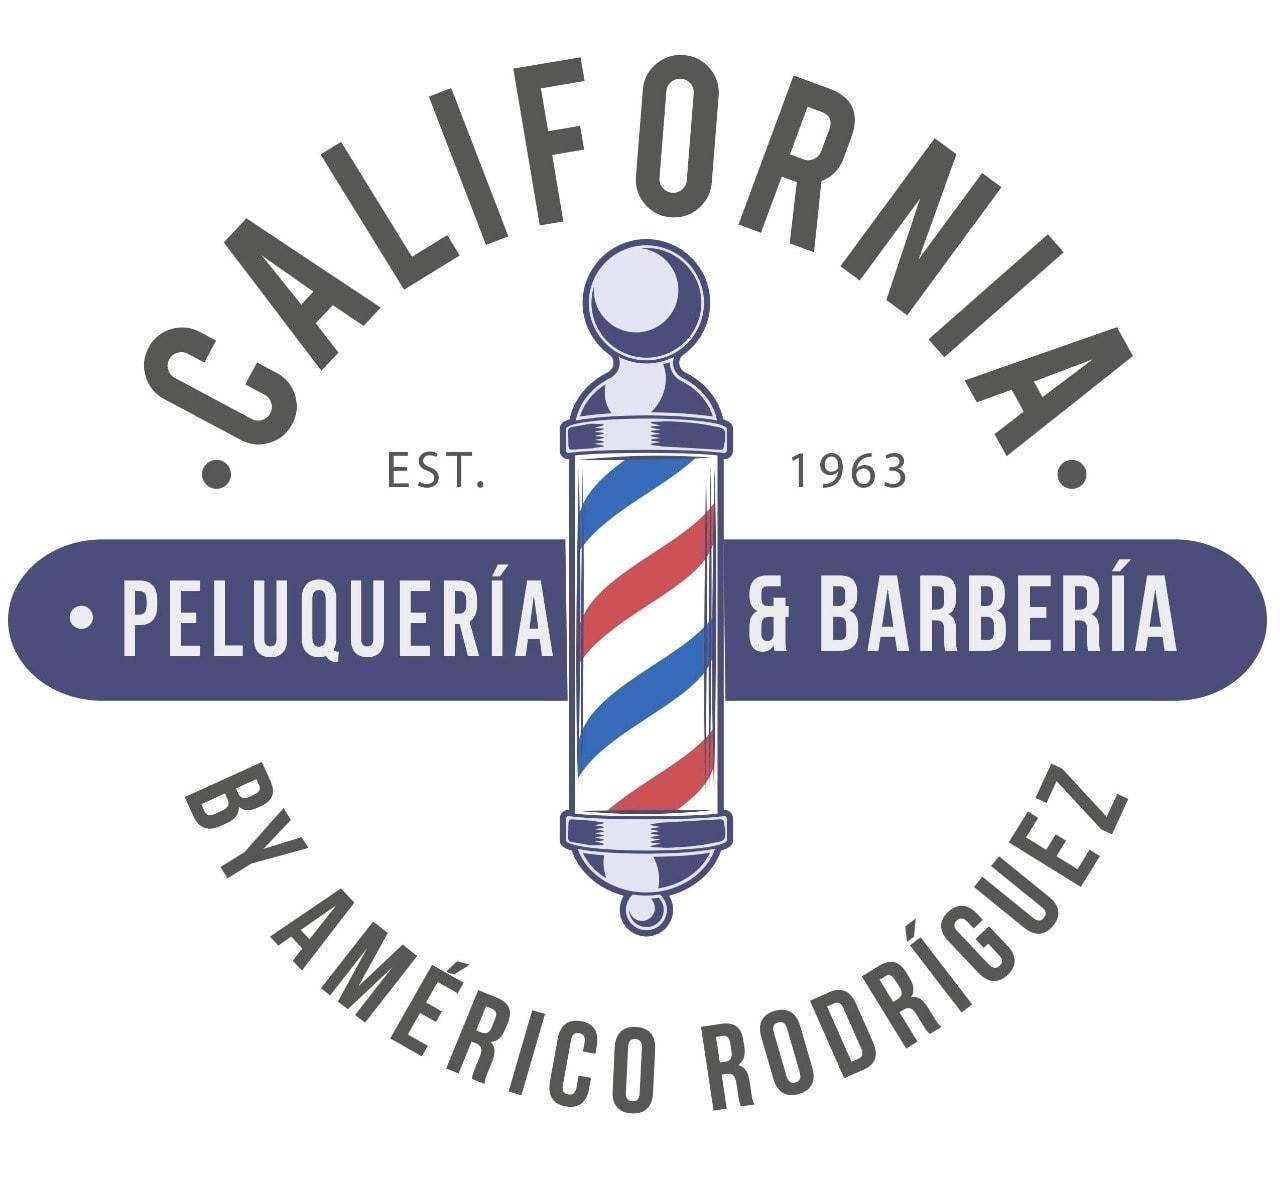 Peluquería y barbería California